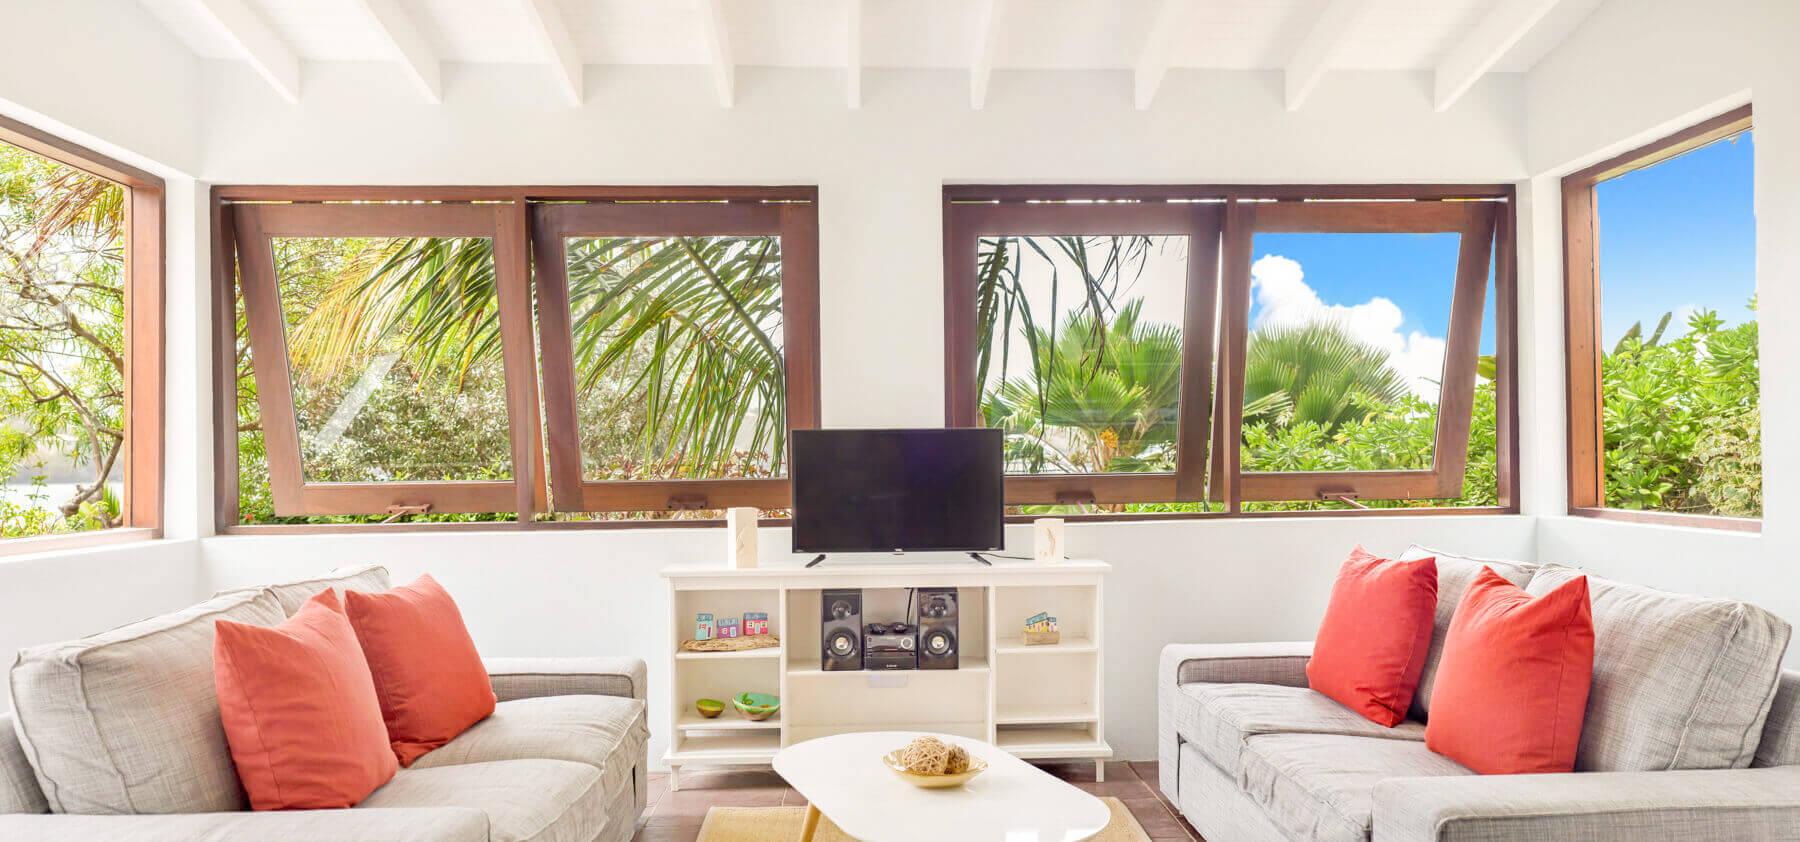 Sea view villa living space at 473 Grenada Boutique Resort